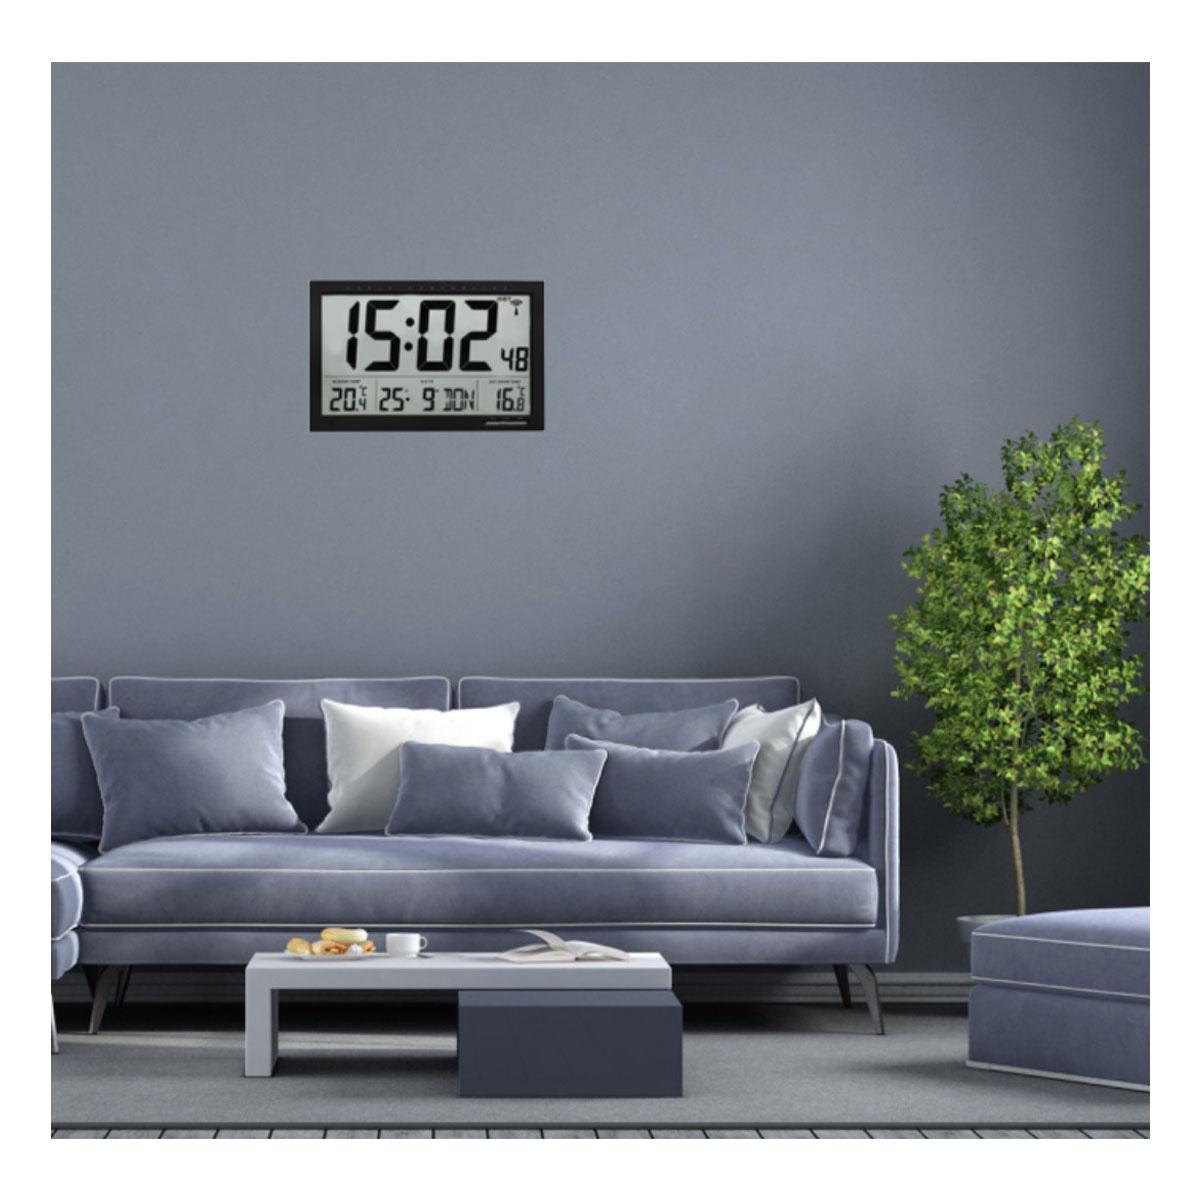 60-4510-01-digitale-xl-funkuhr-mit-aussen-innentemperatur-anwendung-1200x1200px.jpg